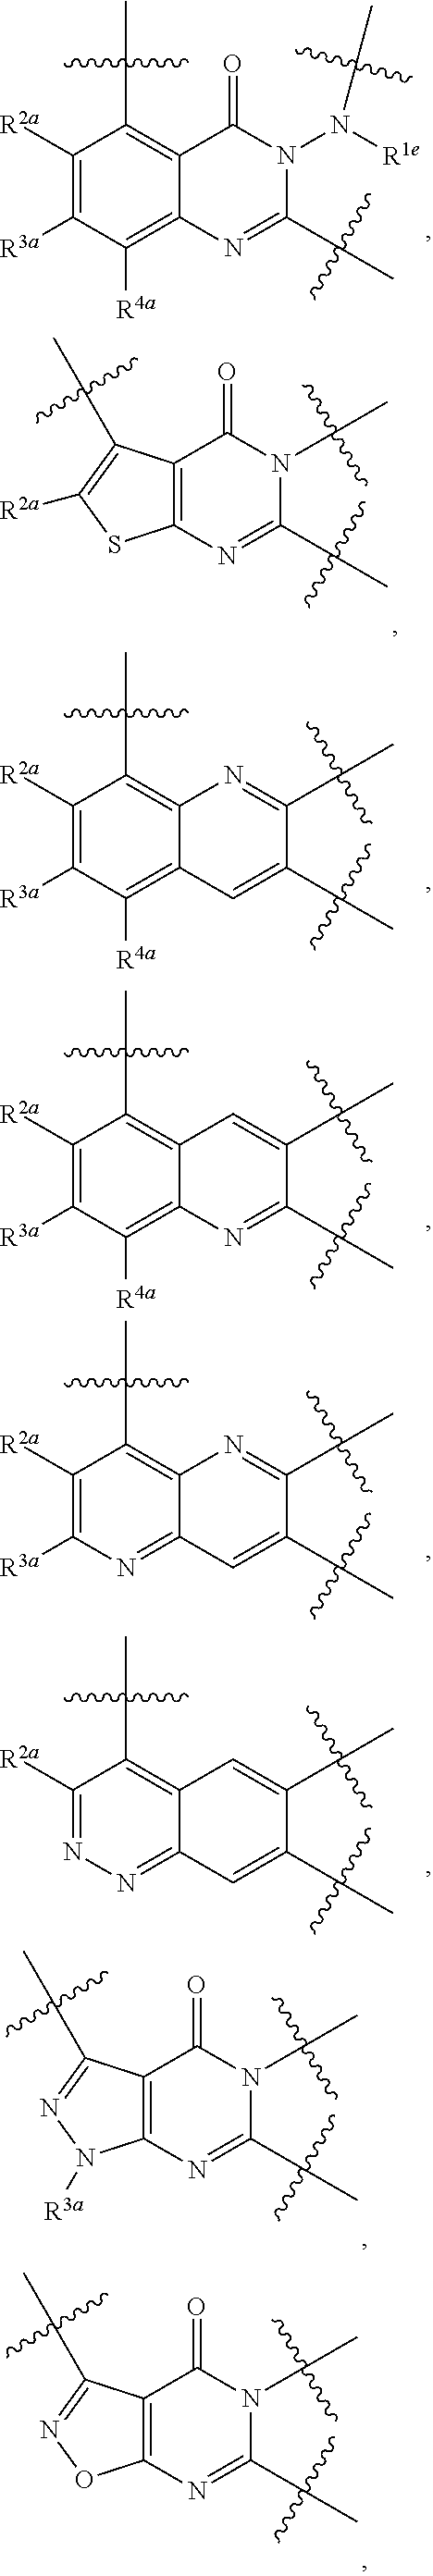 Figure US09708348-20170718-C00093